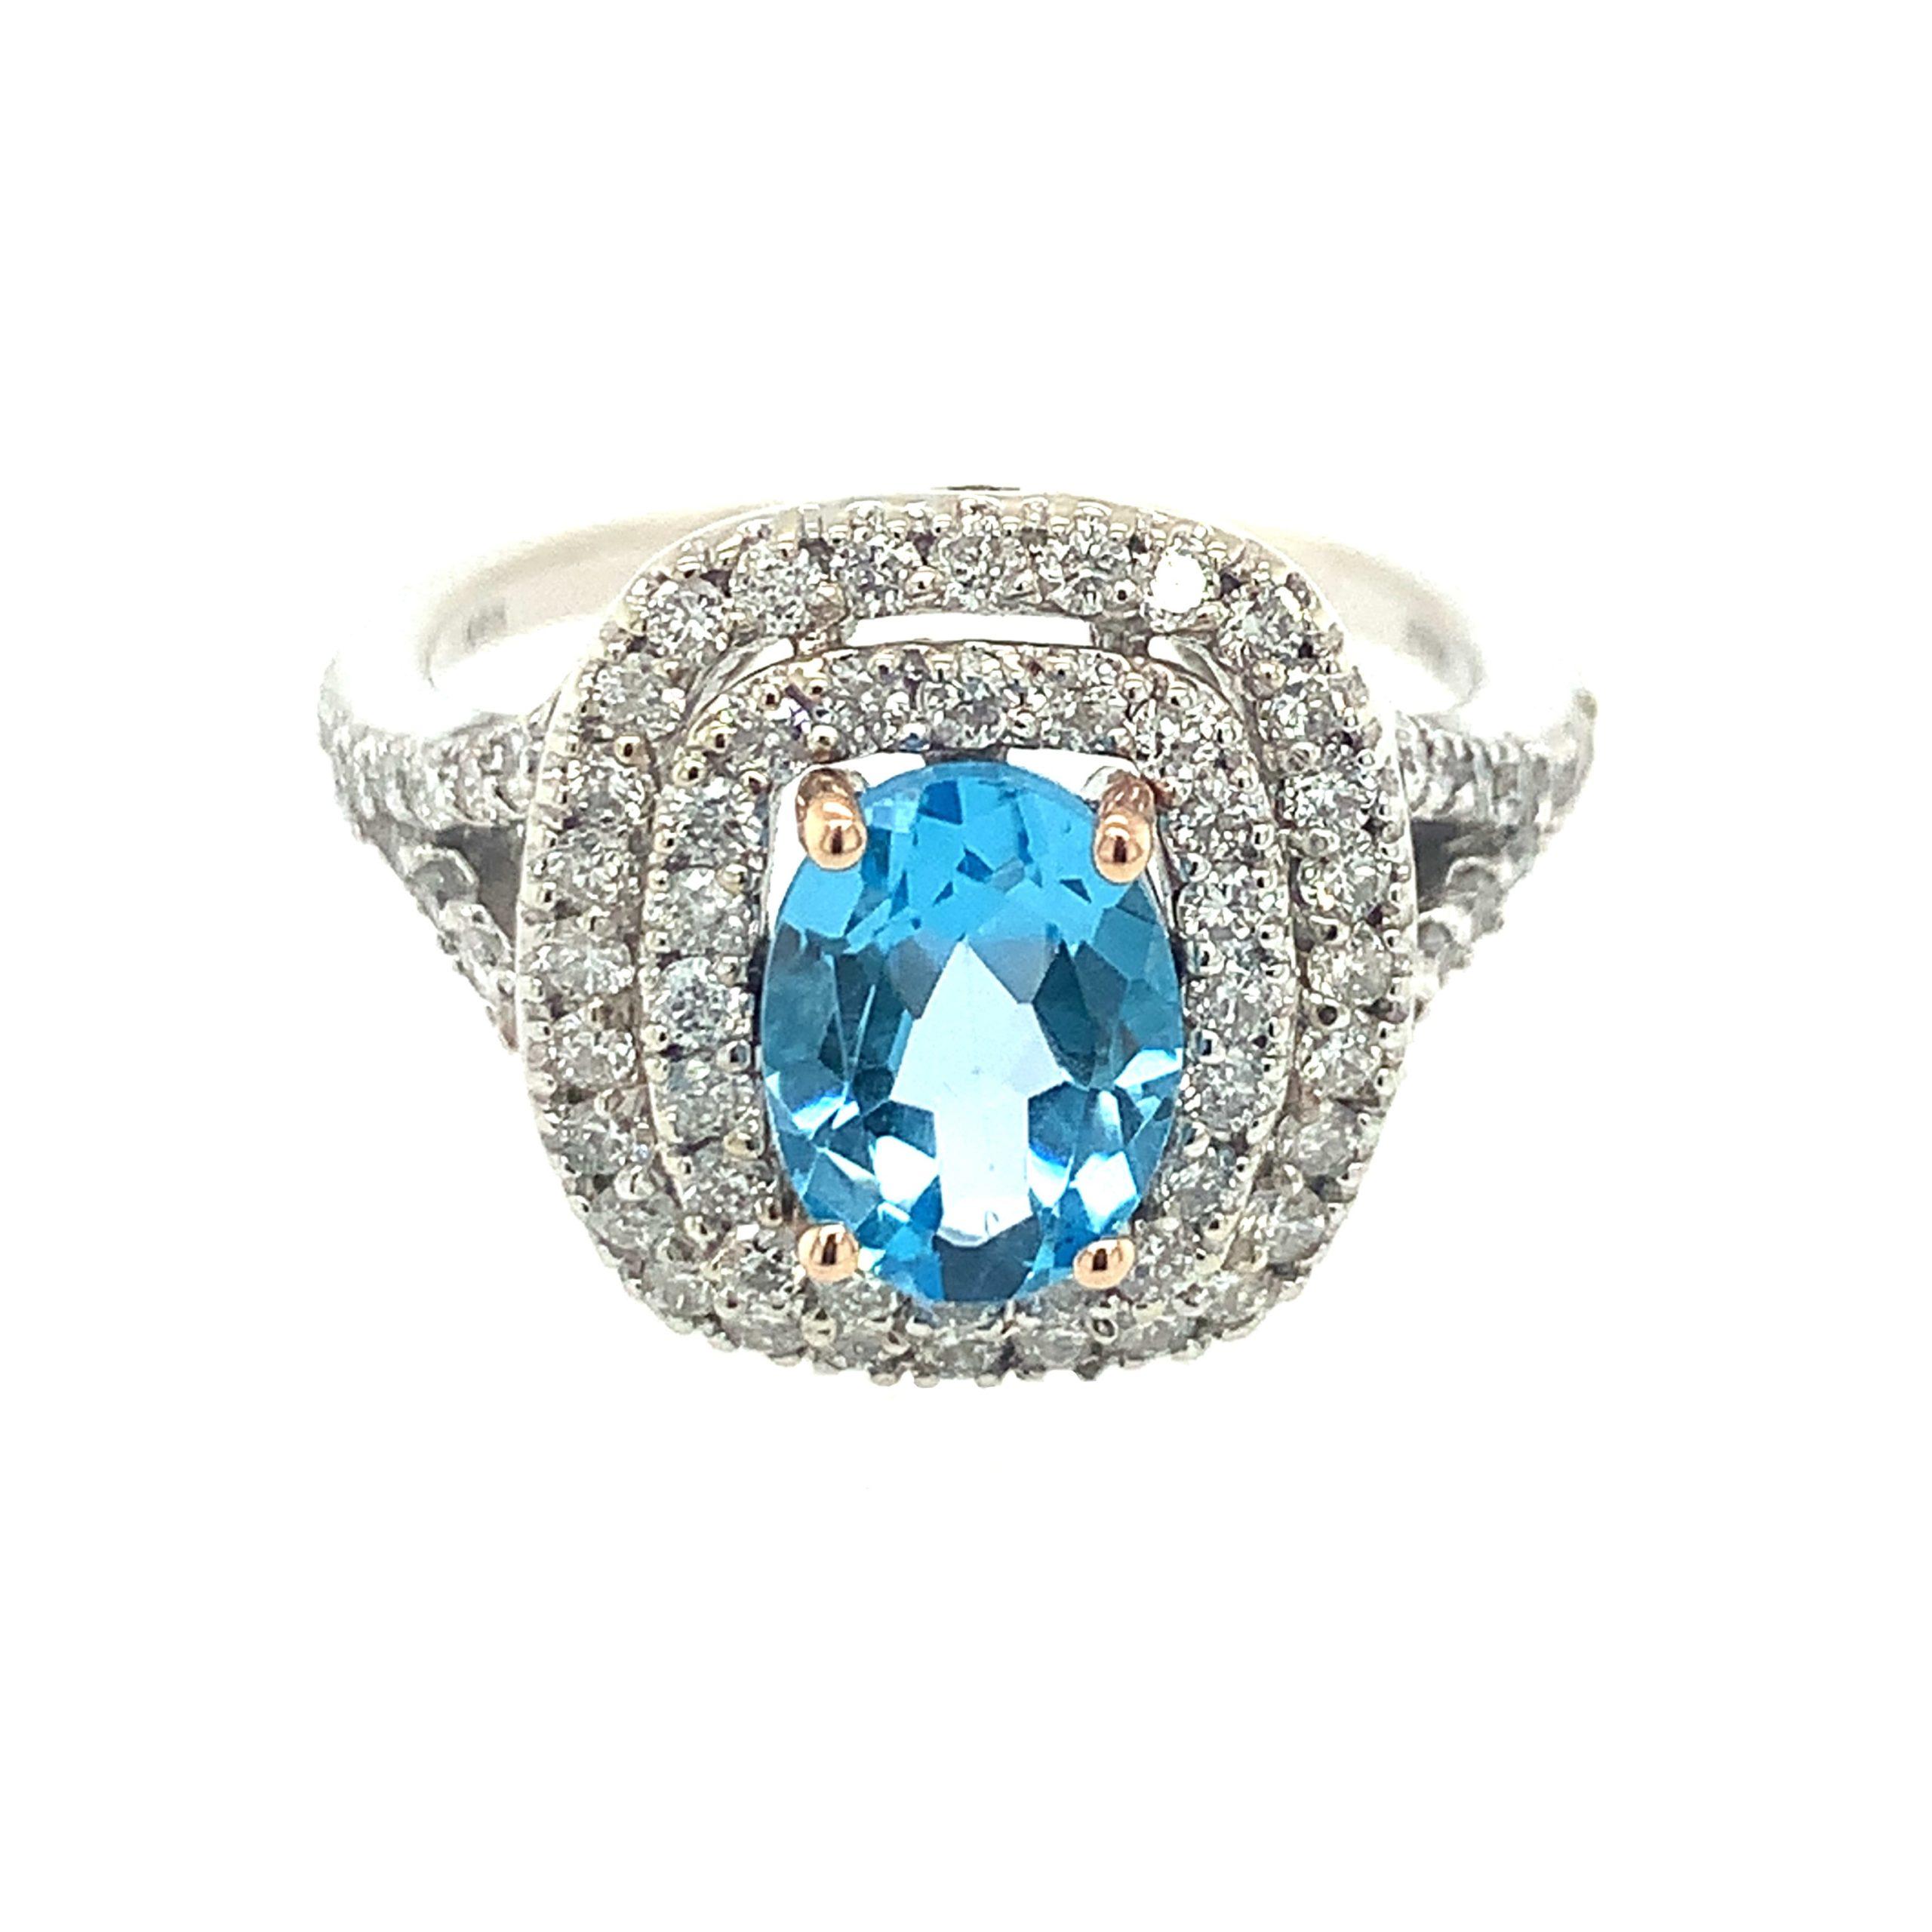 White & Rose Gold Blue Topaz Ring